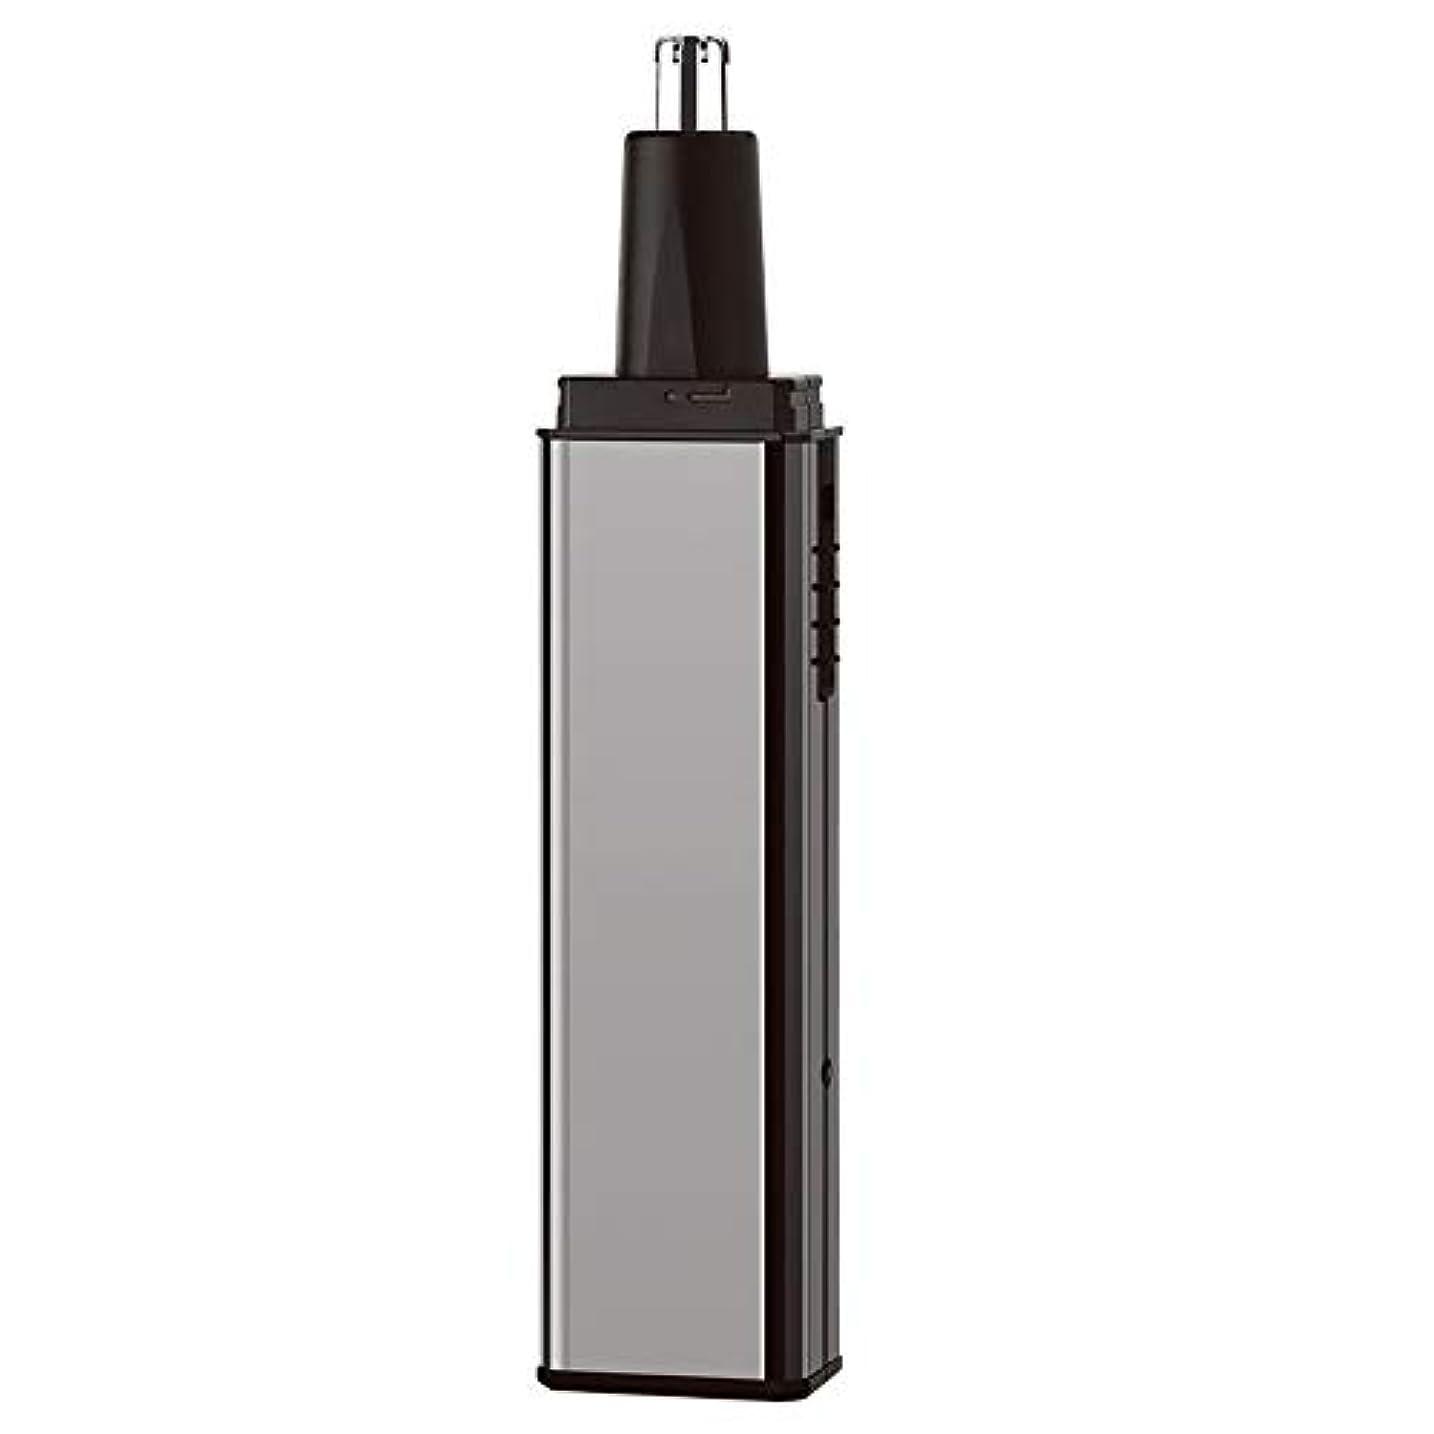 区狂ったお風呂を持っている鼻毛トリマー-多機能スーツフォーインワン/電気鼻毛トリマー/ステンレススチール/多機能/ 13.5 * 2.7cm 使いやすい